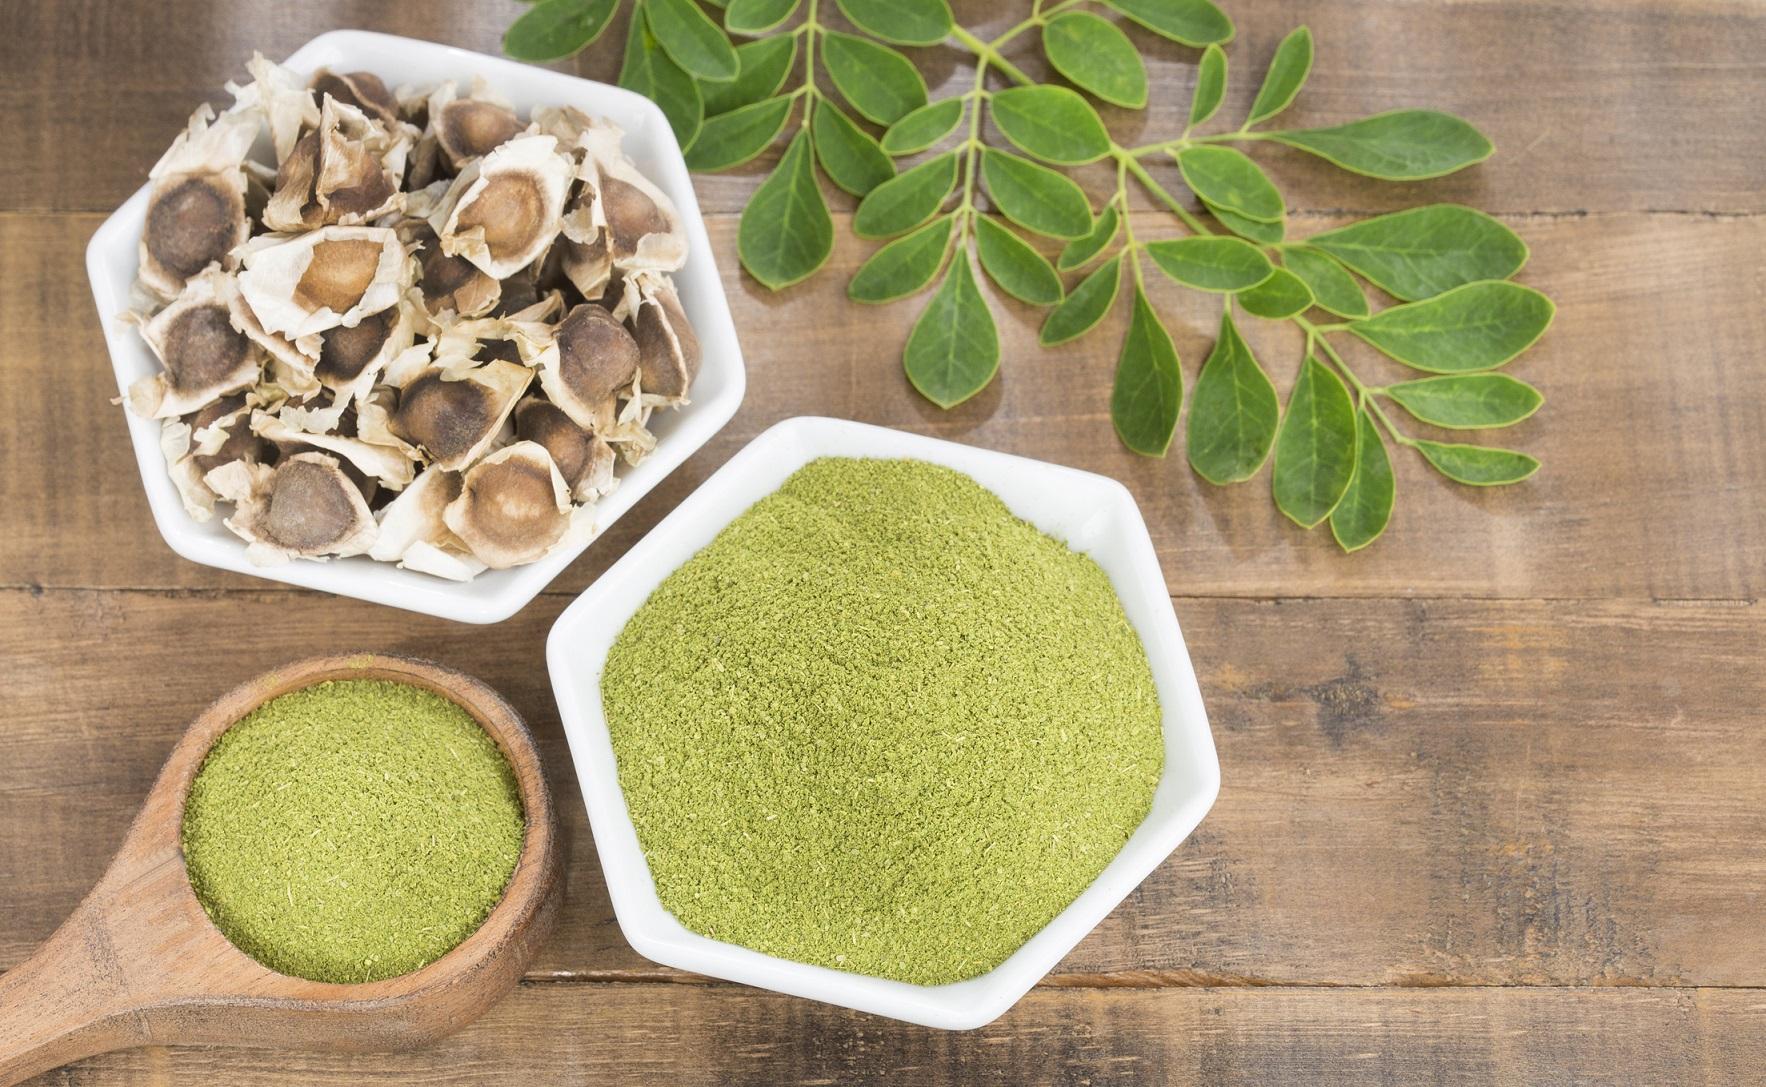 ۲۳ خاصیت فوق العاده گیاه مورینگا برای سلامت بدن و زیبایی پوست و مو 1